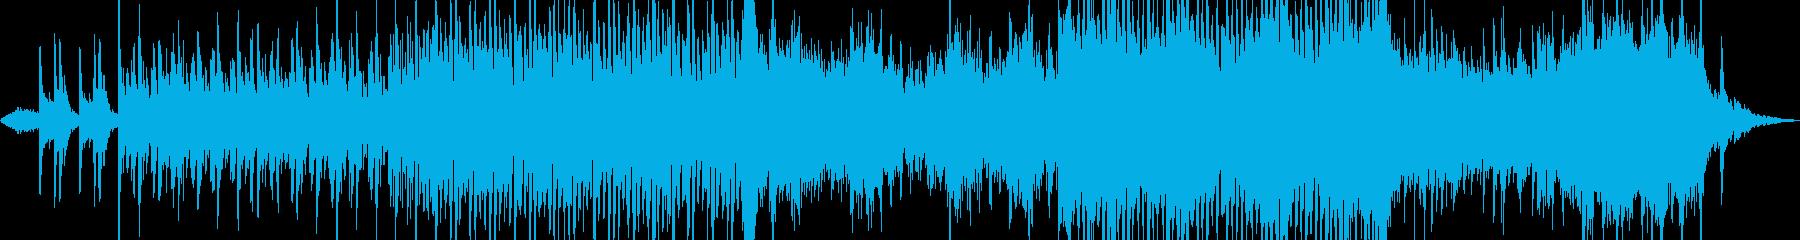 ドローン等による空撮映像をイメージした曲の再生済みの波形